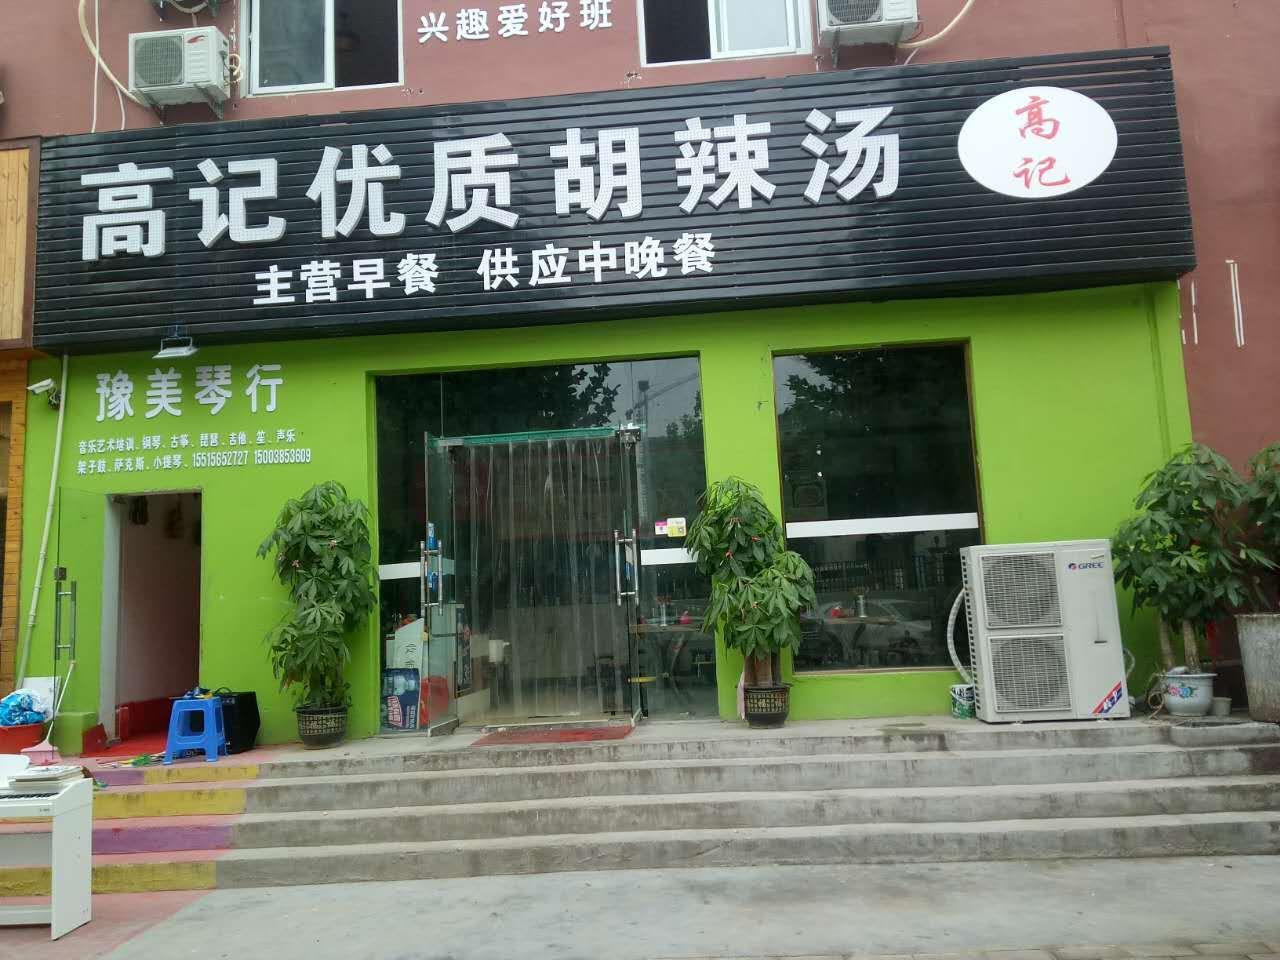 惠济区银通路金达路汽贸中心附近旺铺转让